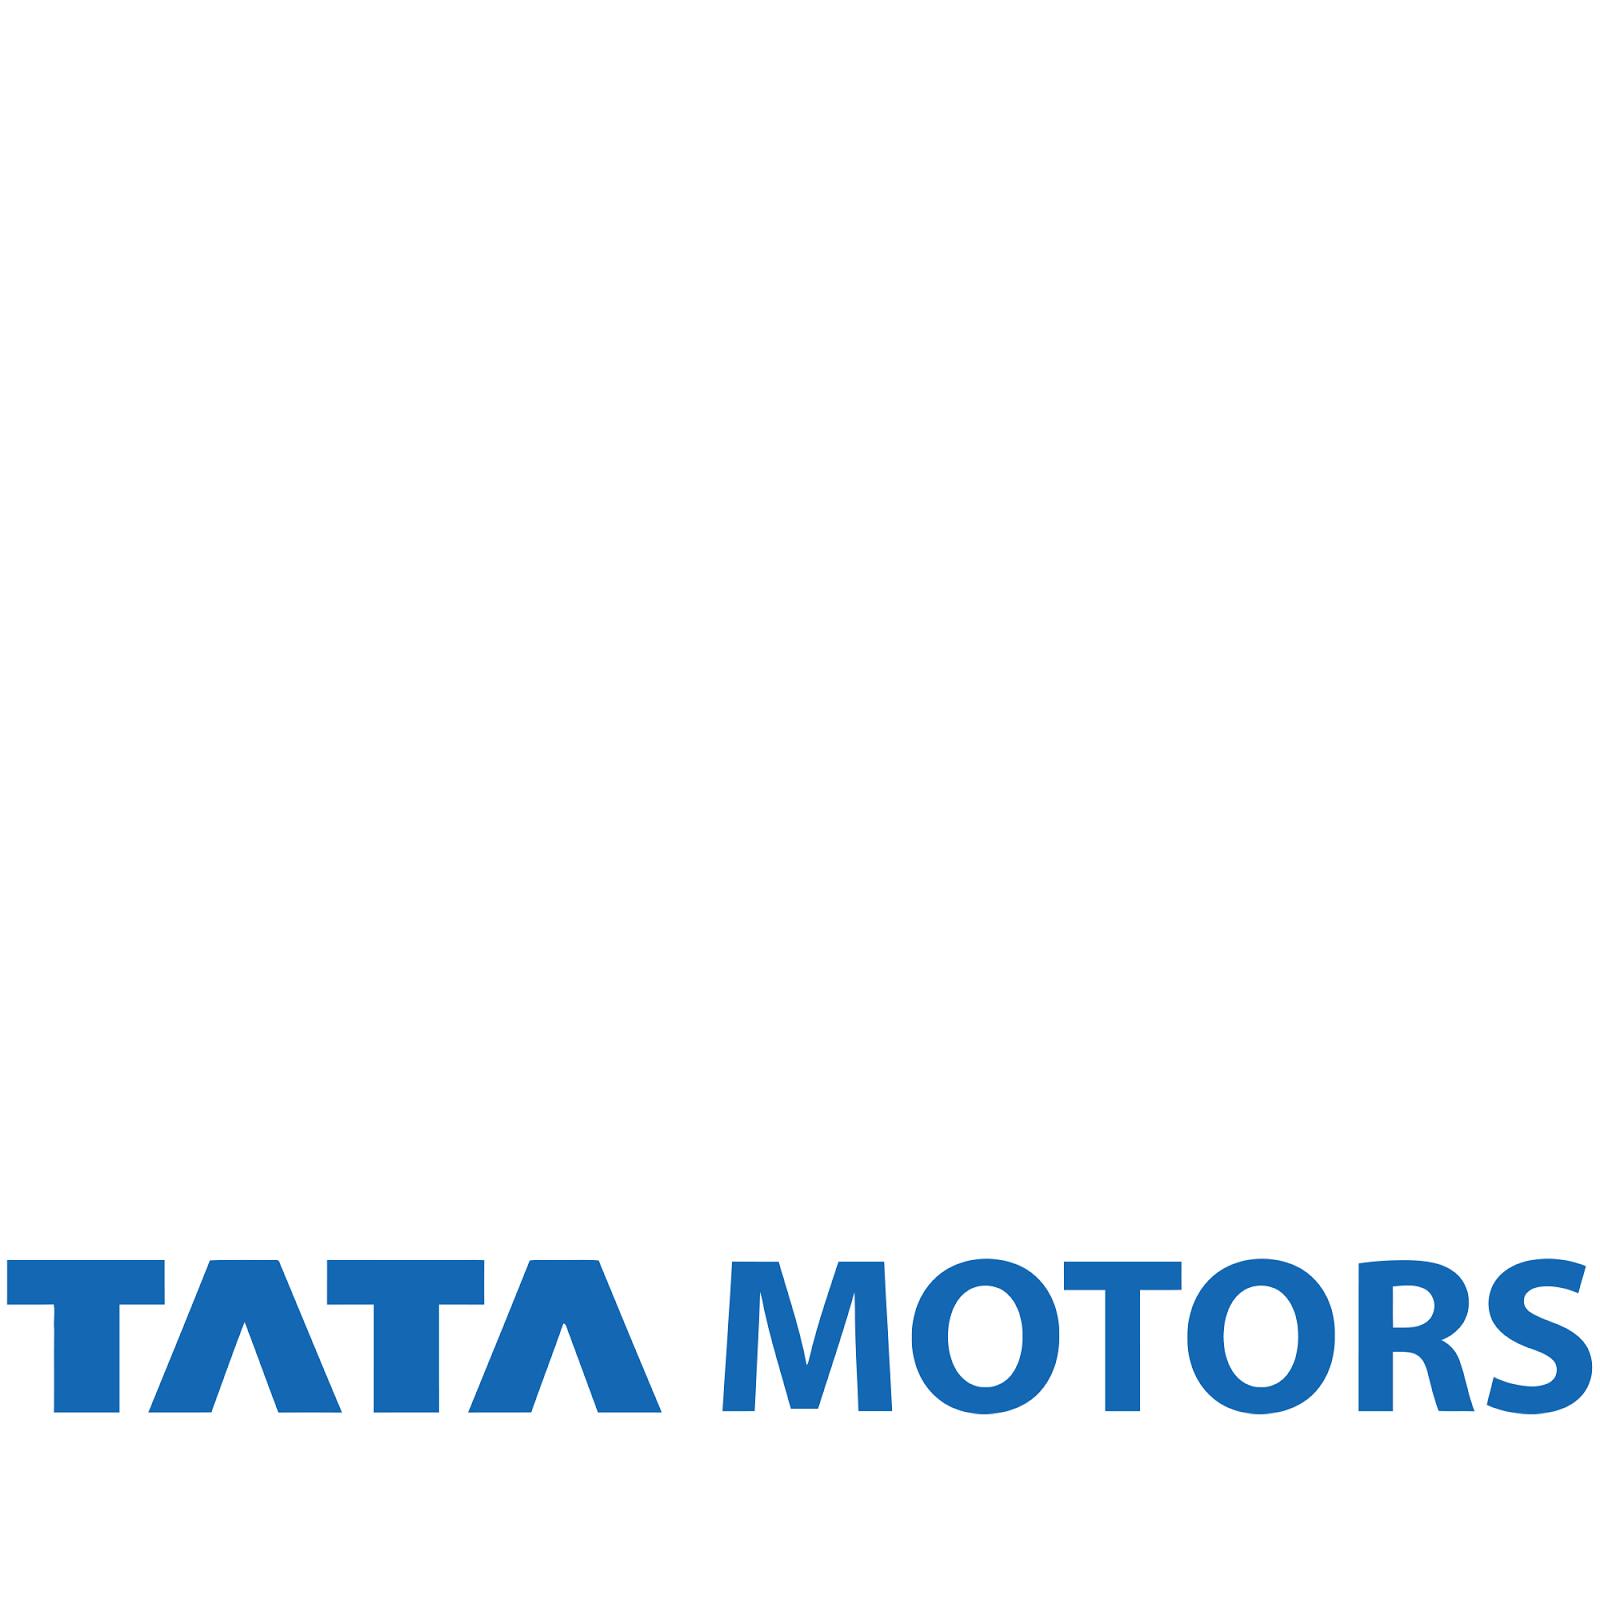 Automotive Database: Tata Motors